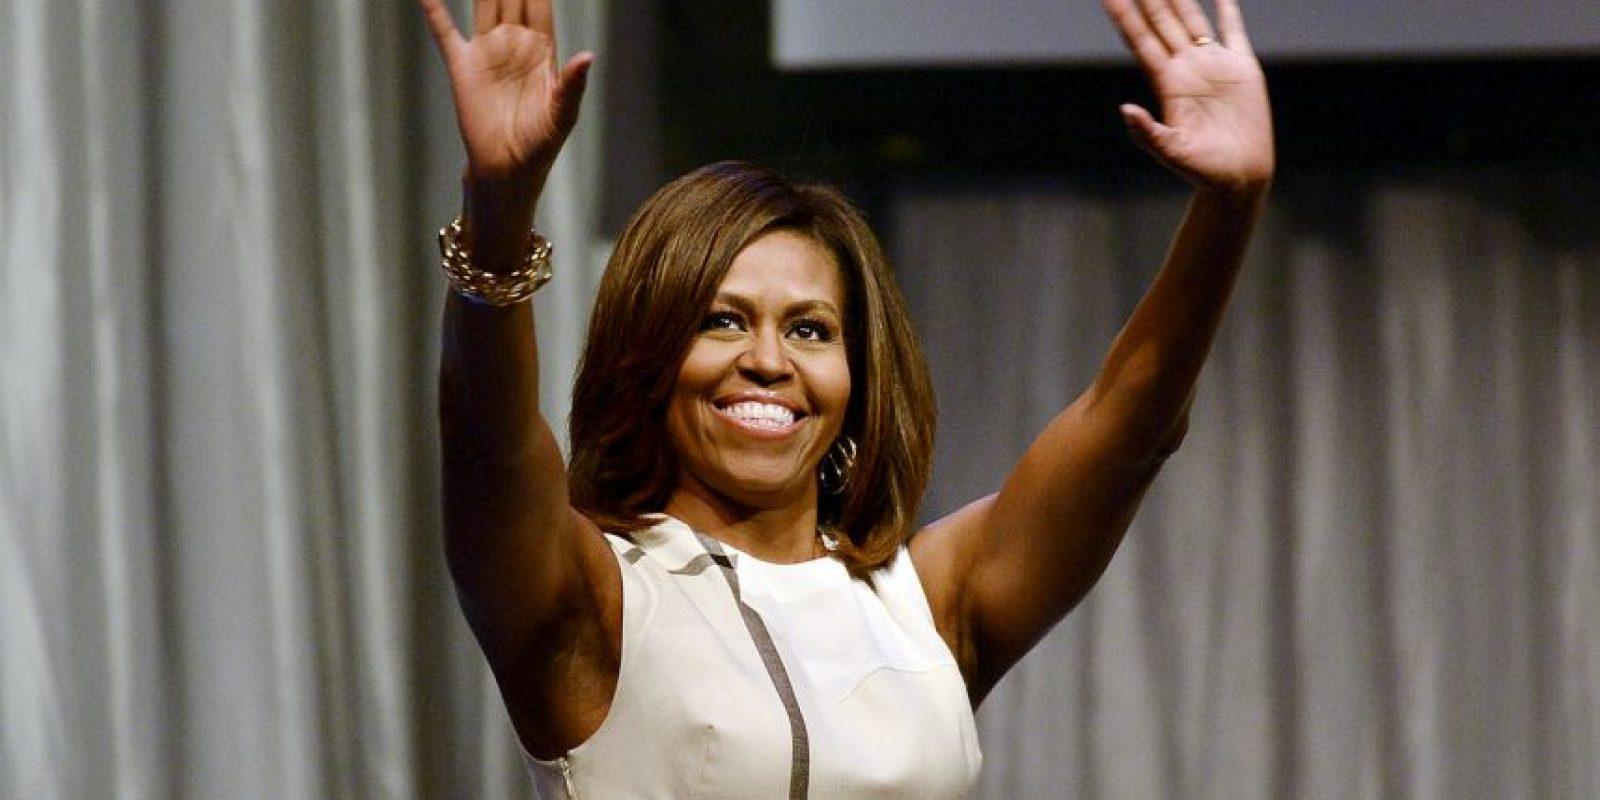 Esta campaña la comenzó con el proposito de promover una vida sana y activa. Foto:Getty Images